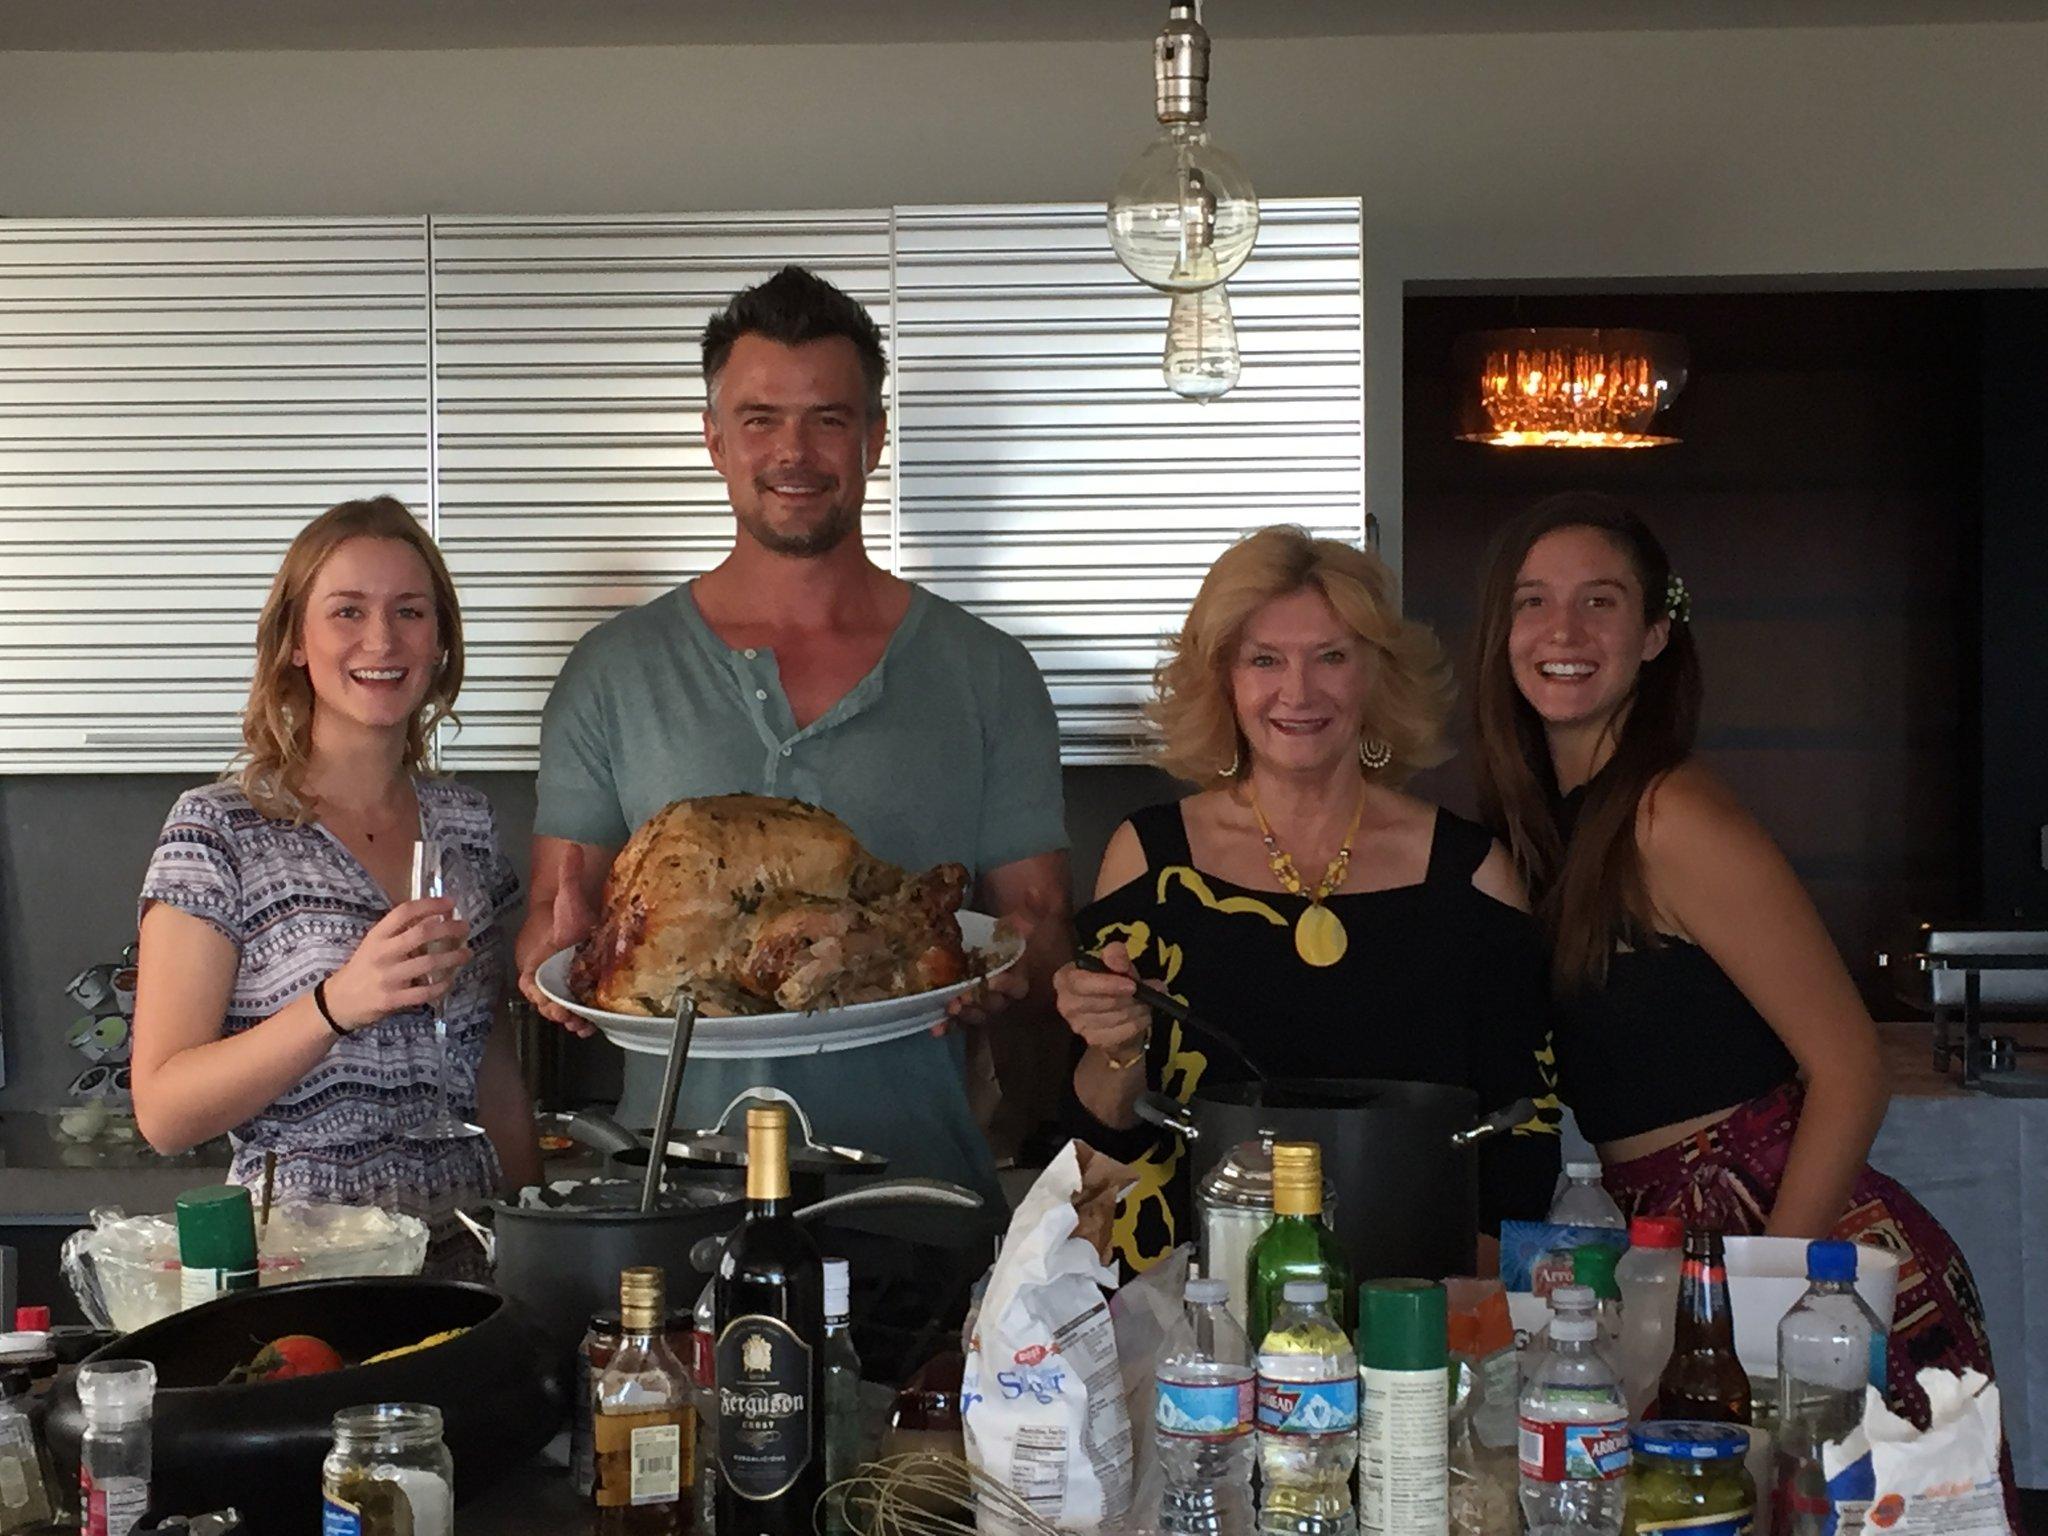 Josh Duhamel Family Thanksgiving - Twitter